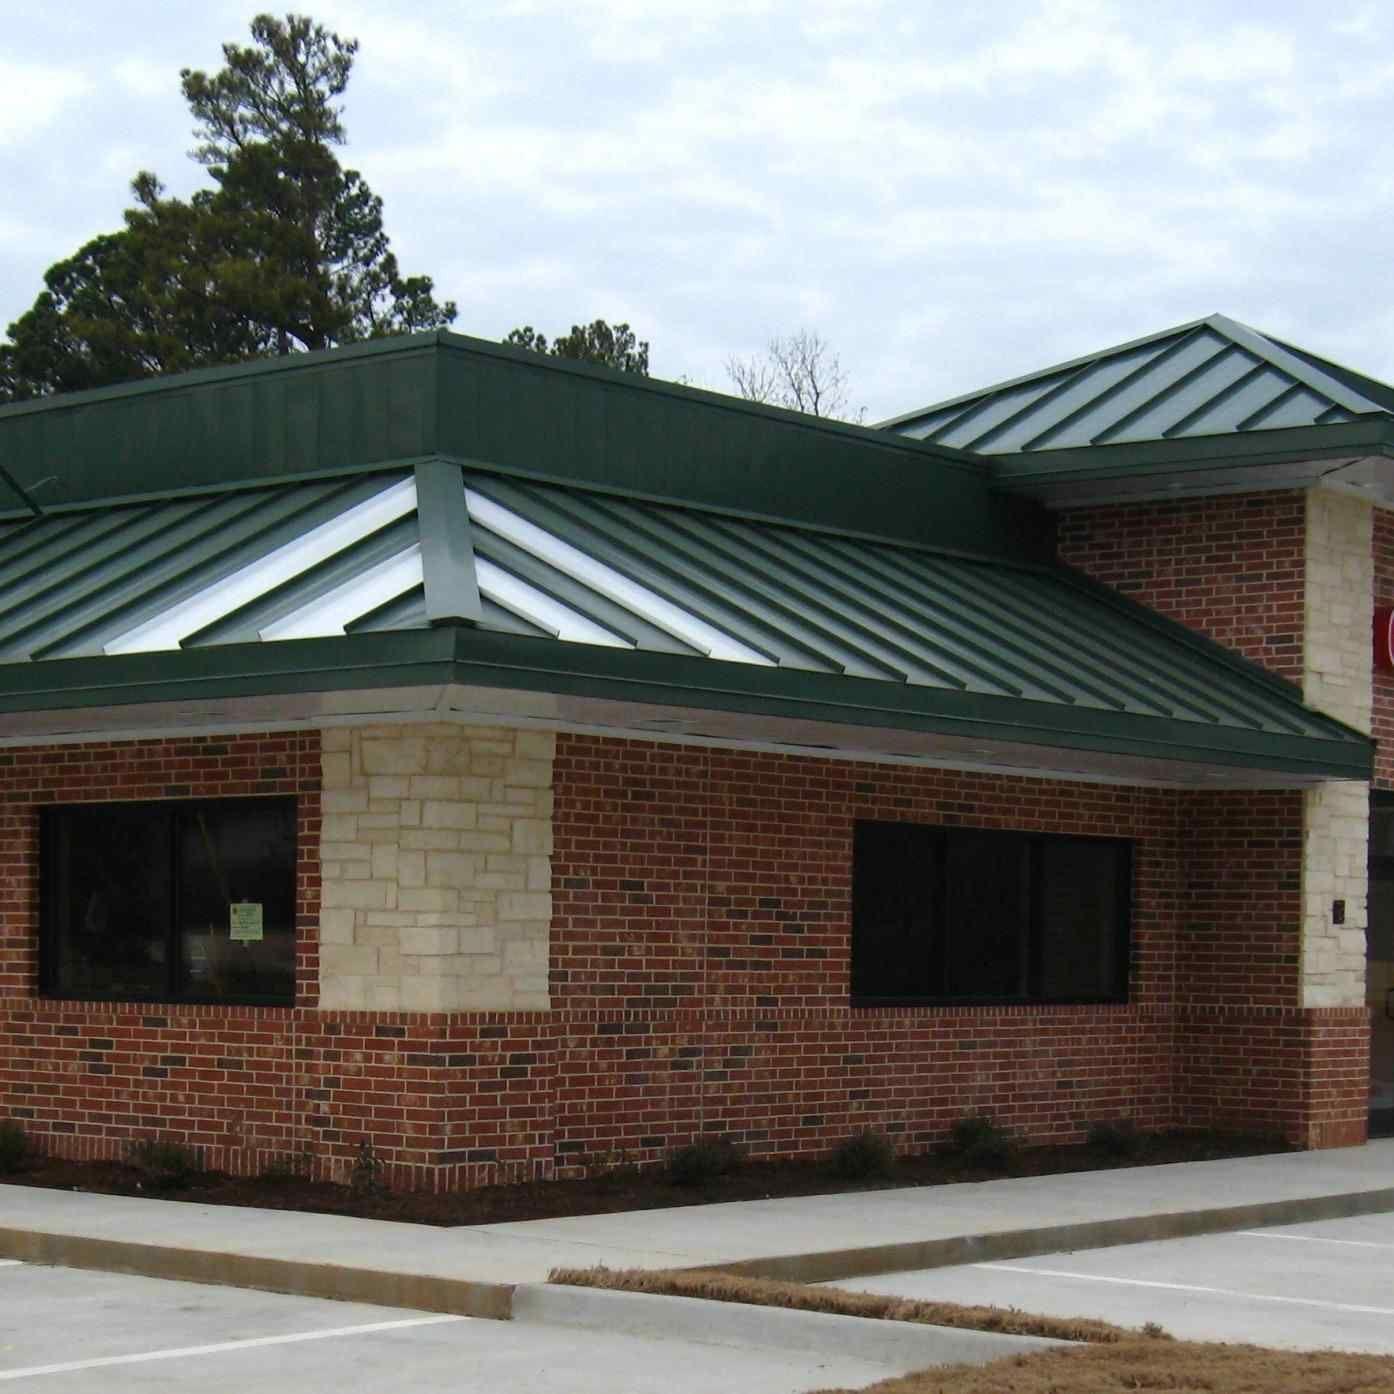 White Standing Seam Metal Roof Standing Seam Metal Roof Metal Roof Standing Seam